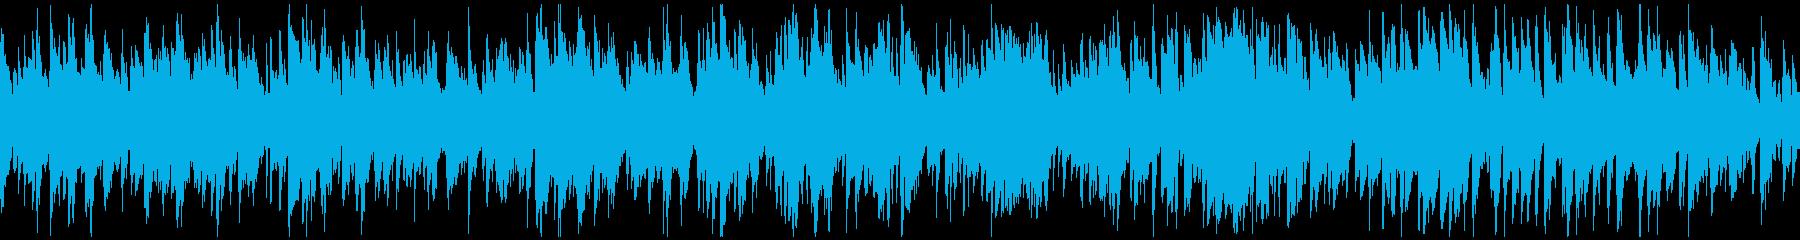 ジャズボサノバ、素敵なサックス※ループ版の再生済みの波形